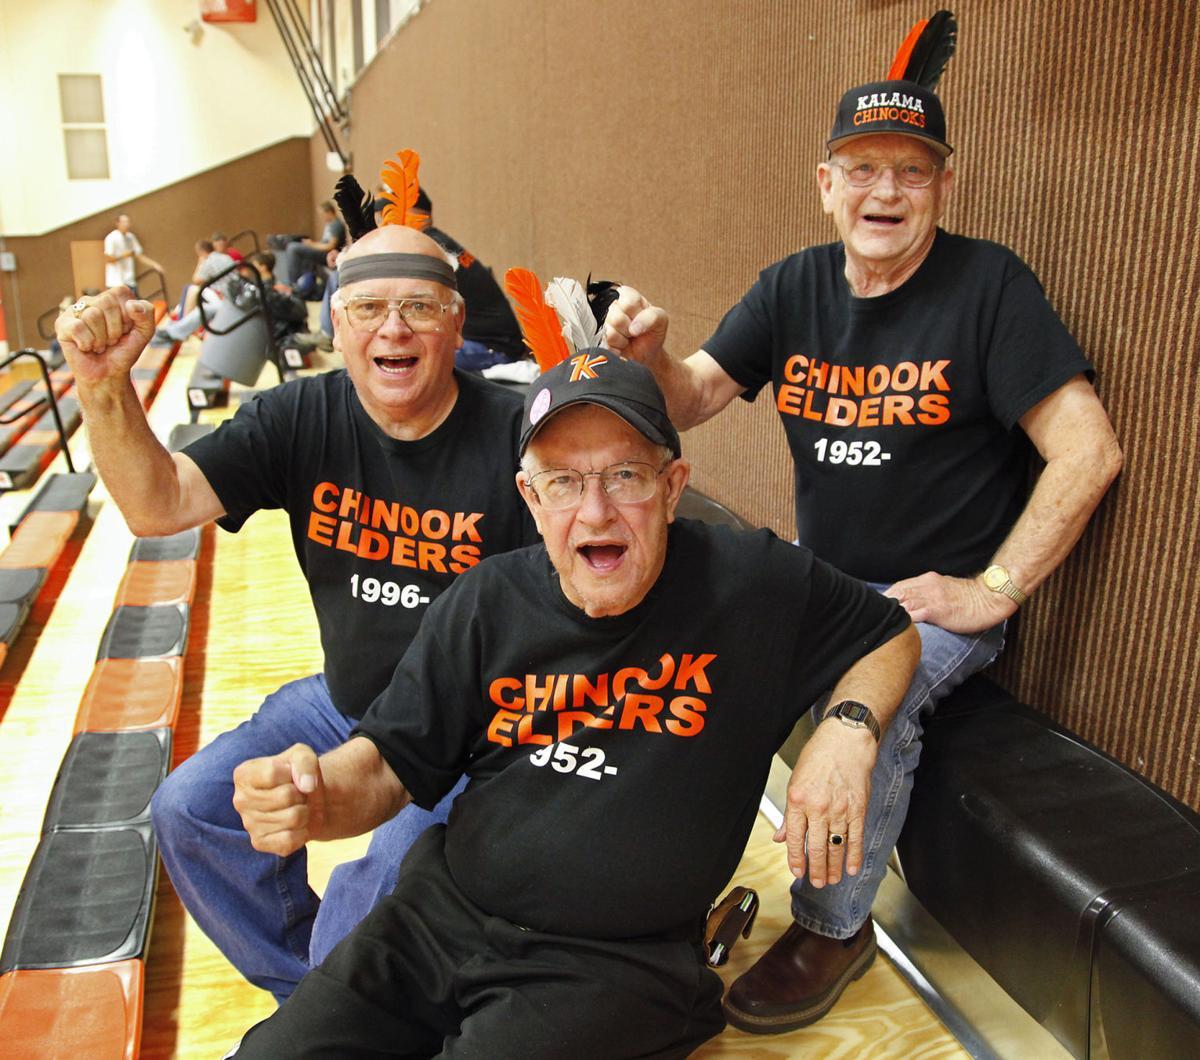 Chinook Elders